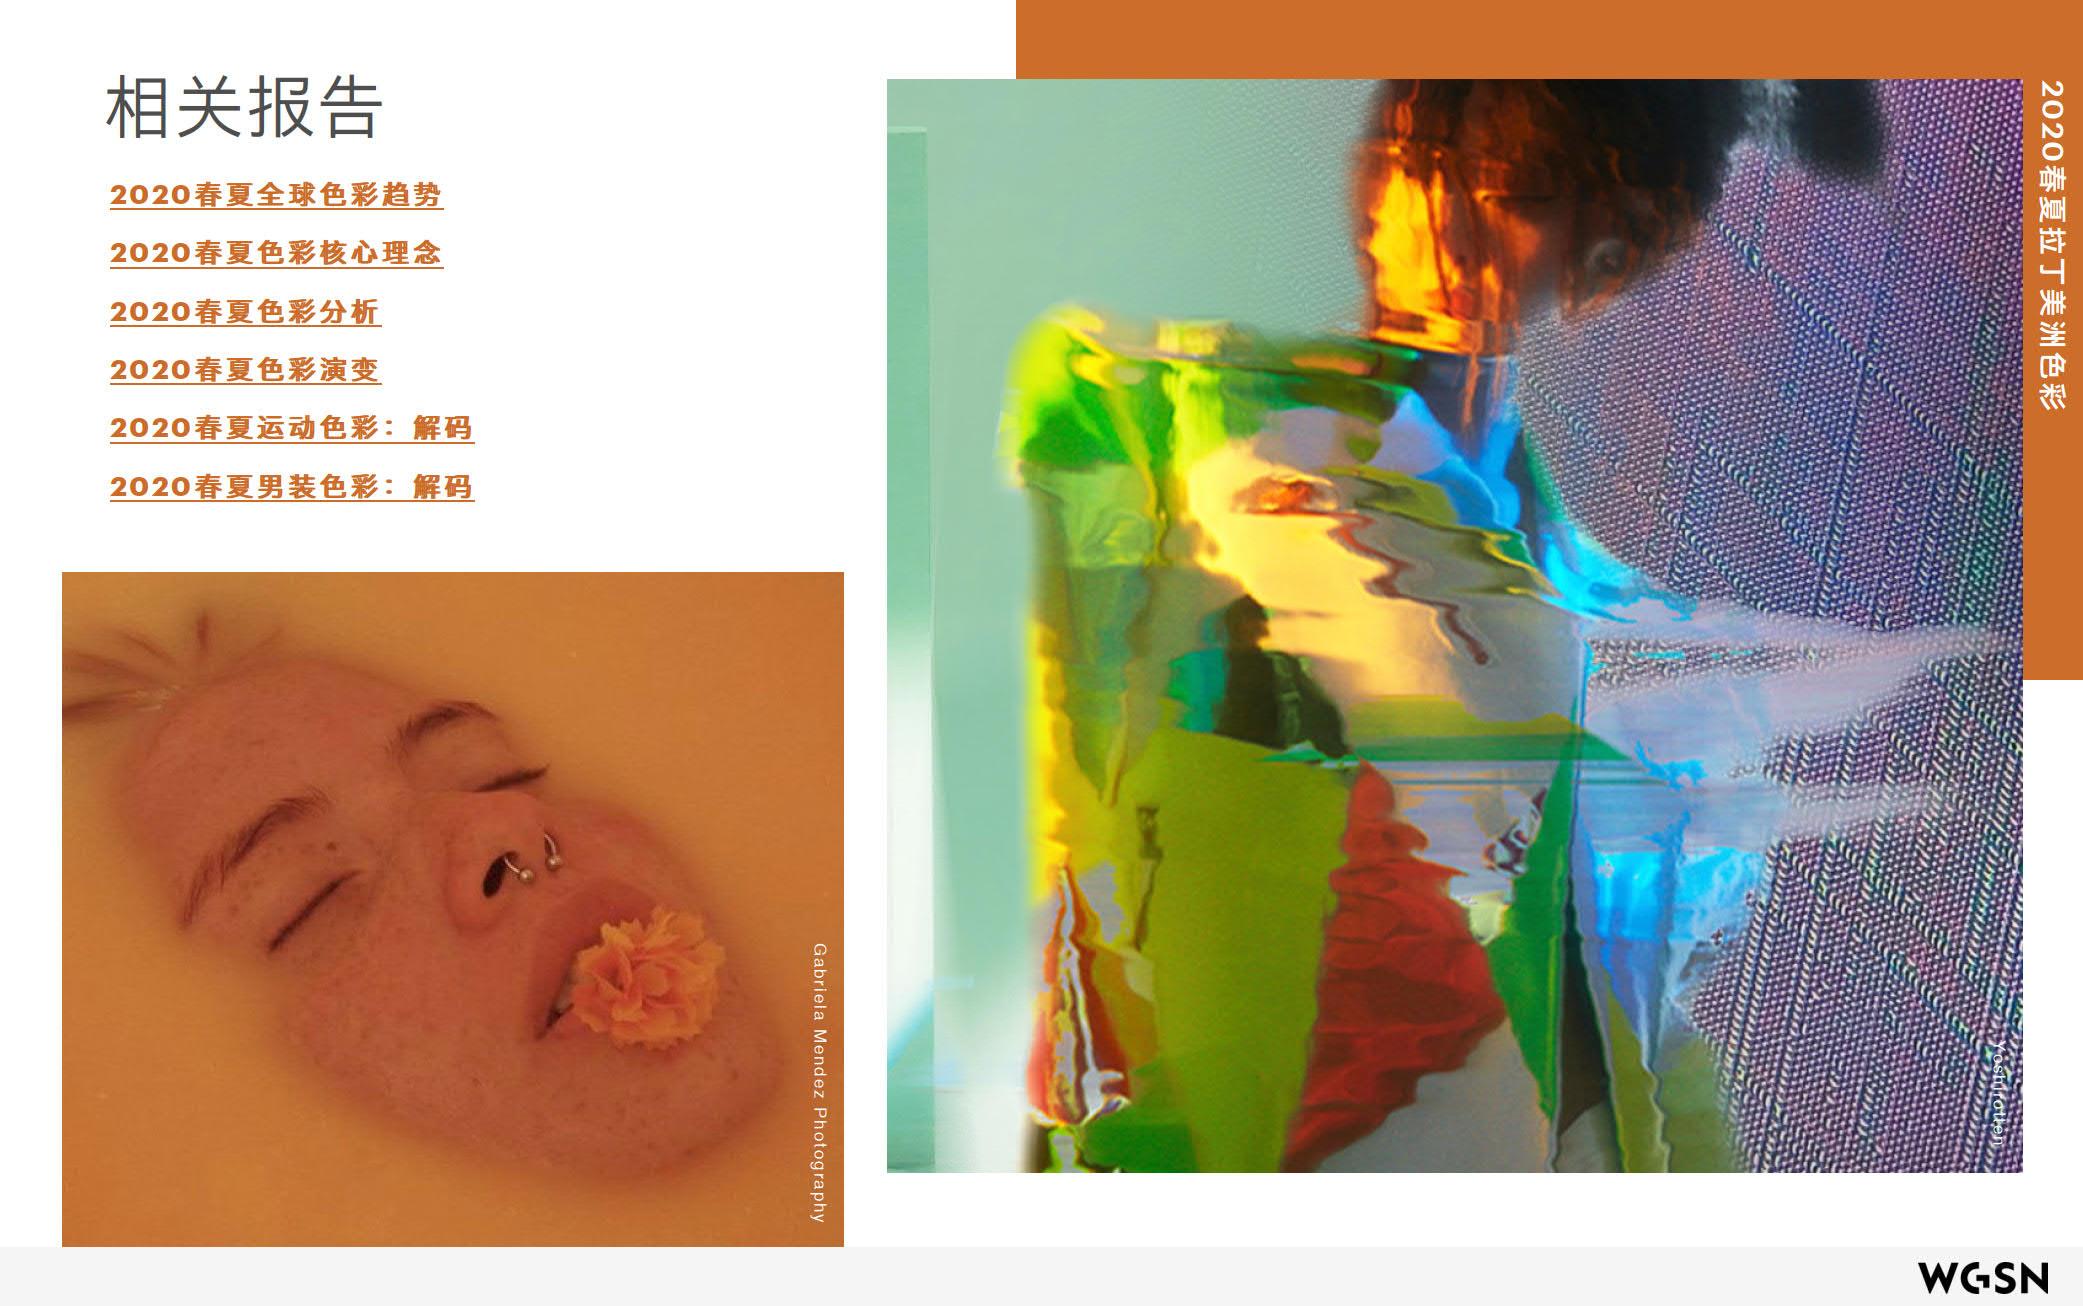 2020年春夏拉丁美洲色彩:发声!-POP花型网